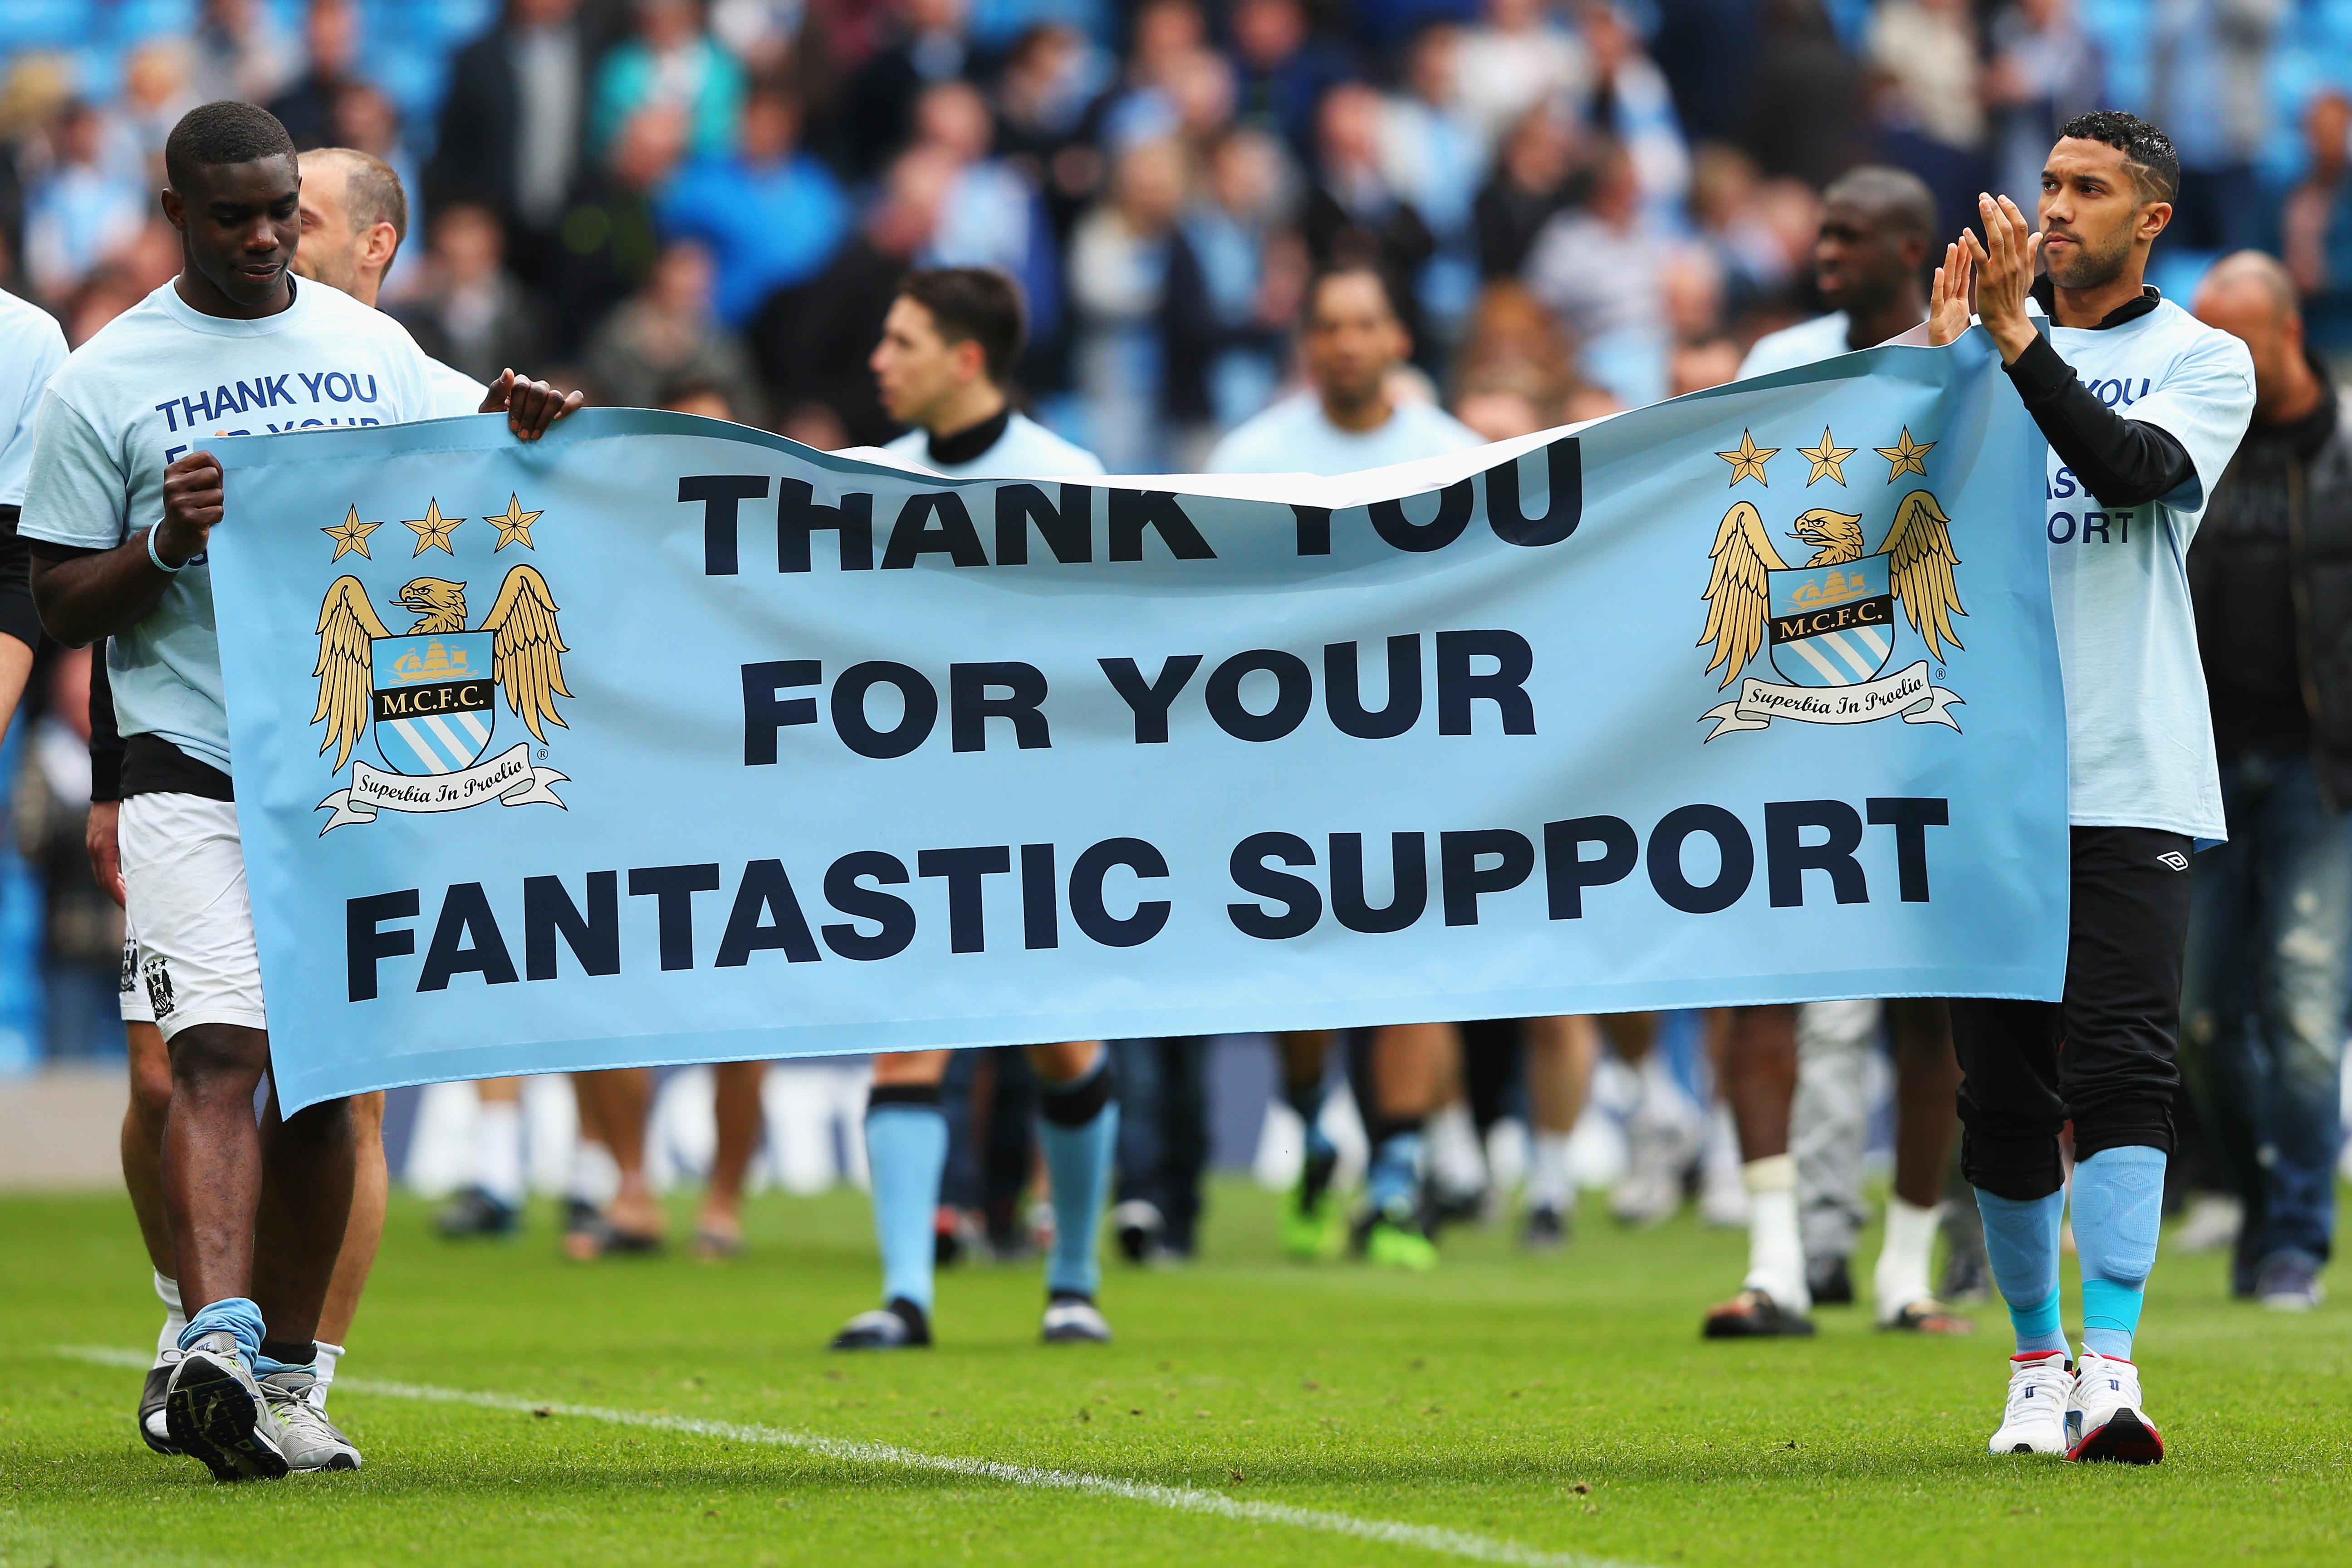 Man City Fixtures: Manchester City Fixtures: Premier League Schedule 2014/15